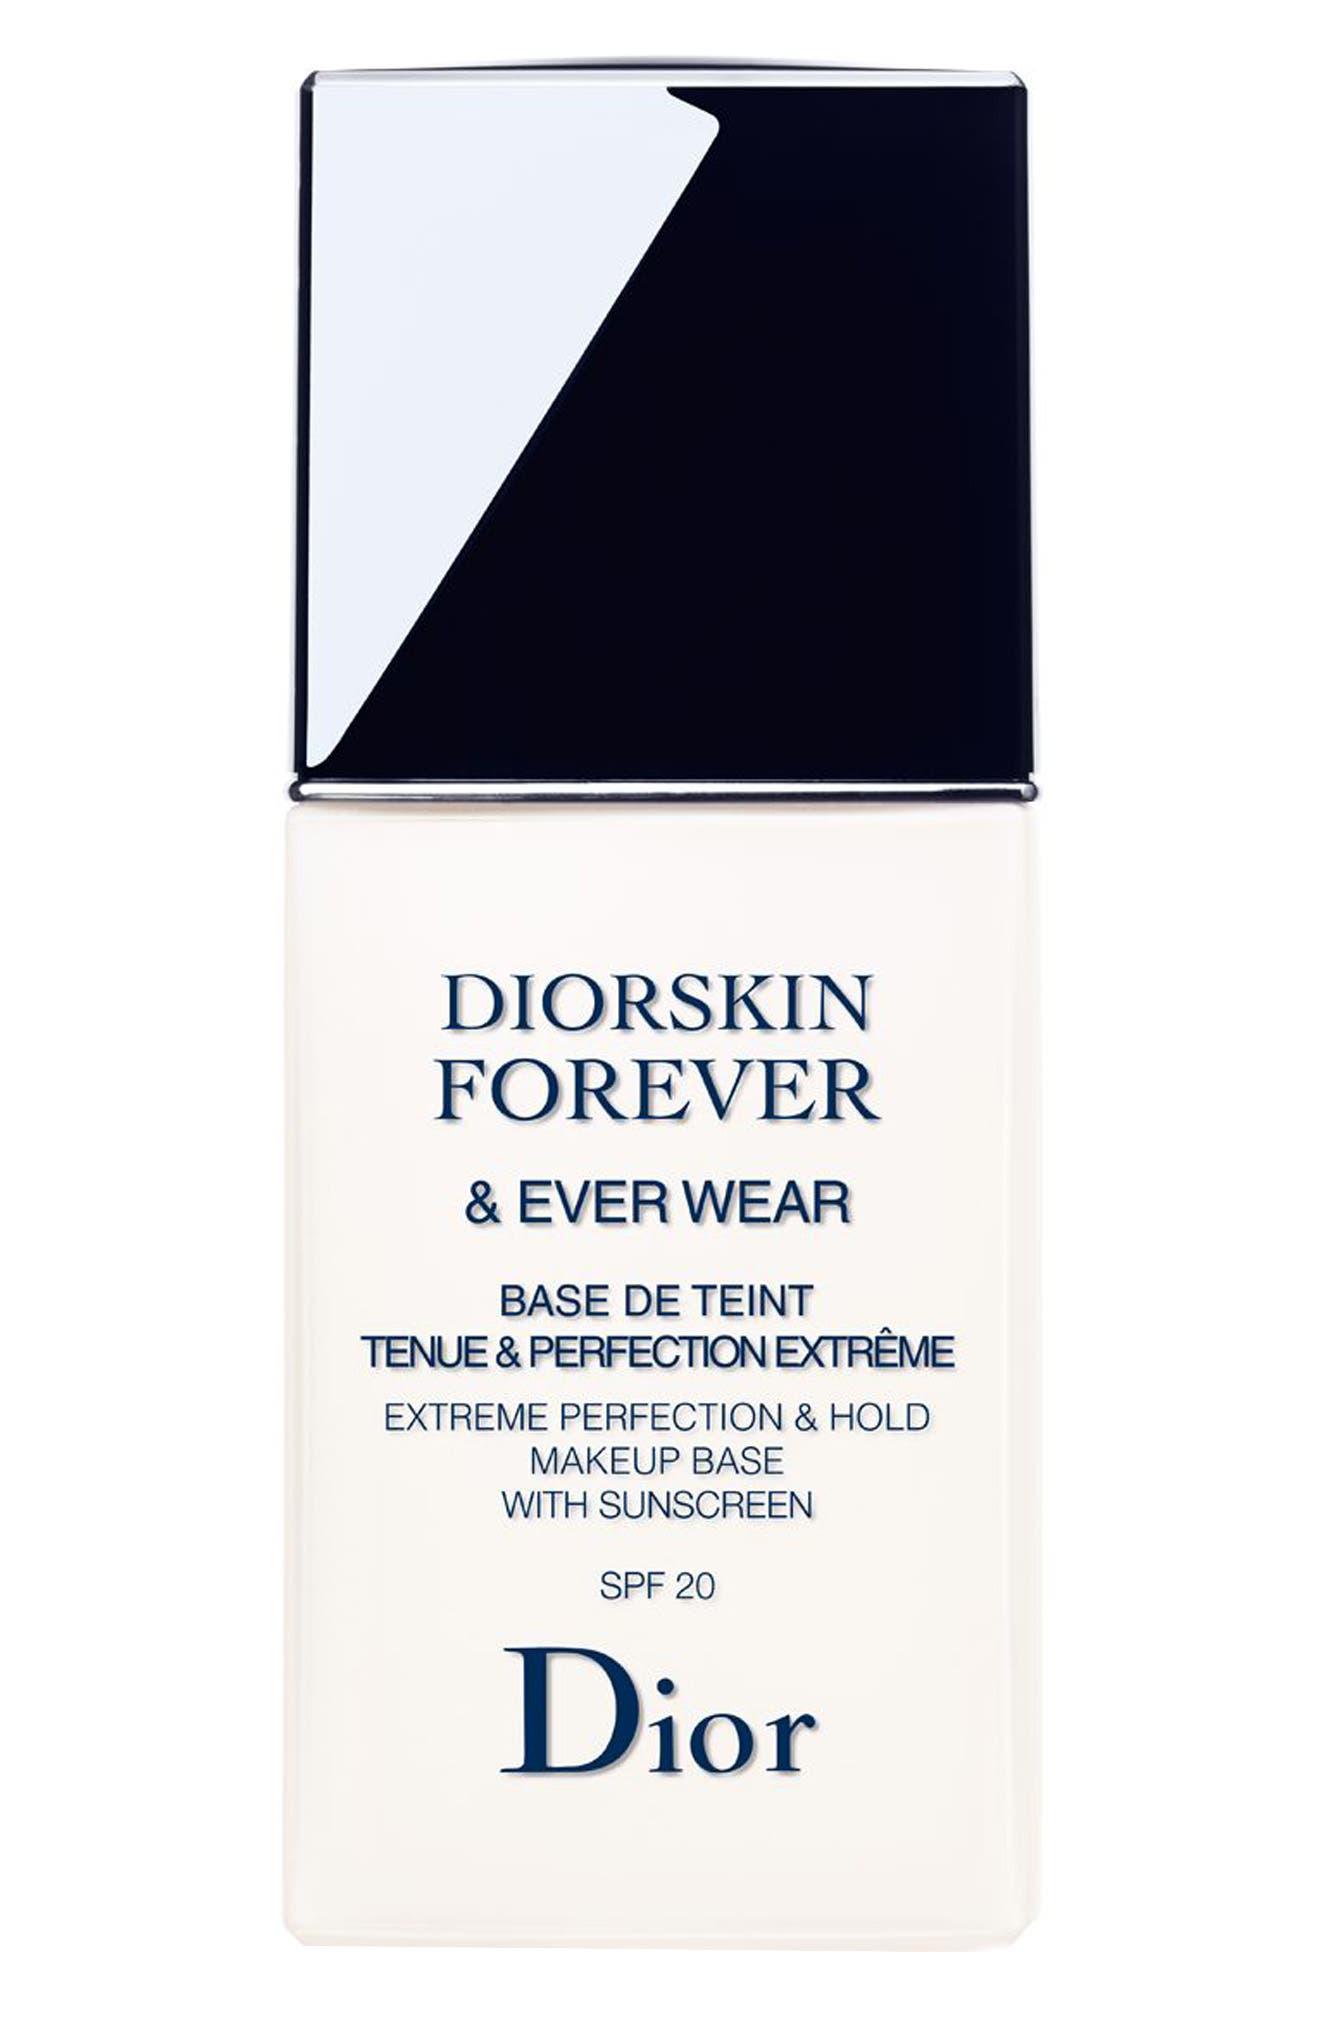 Diorskin Forever & Ever Wear Makeup Primer SPF 20,                             Alternate thumbnail 4, color,                             NO COLOR